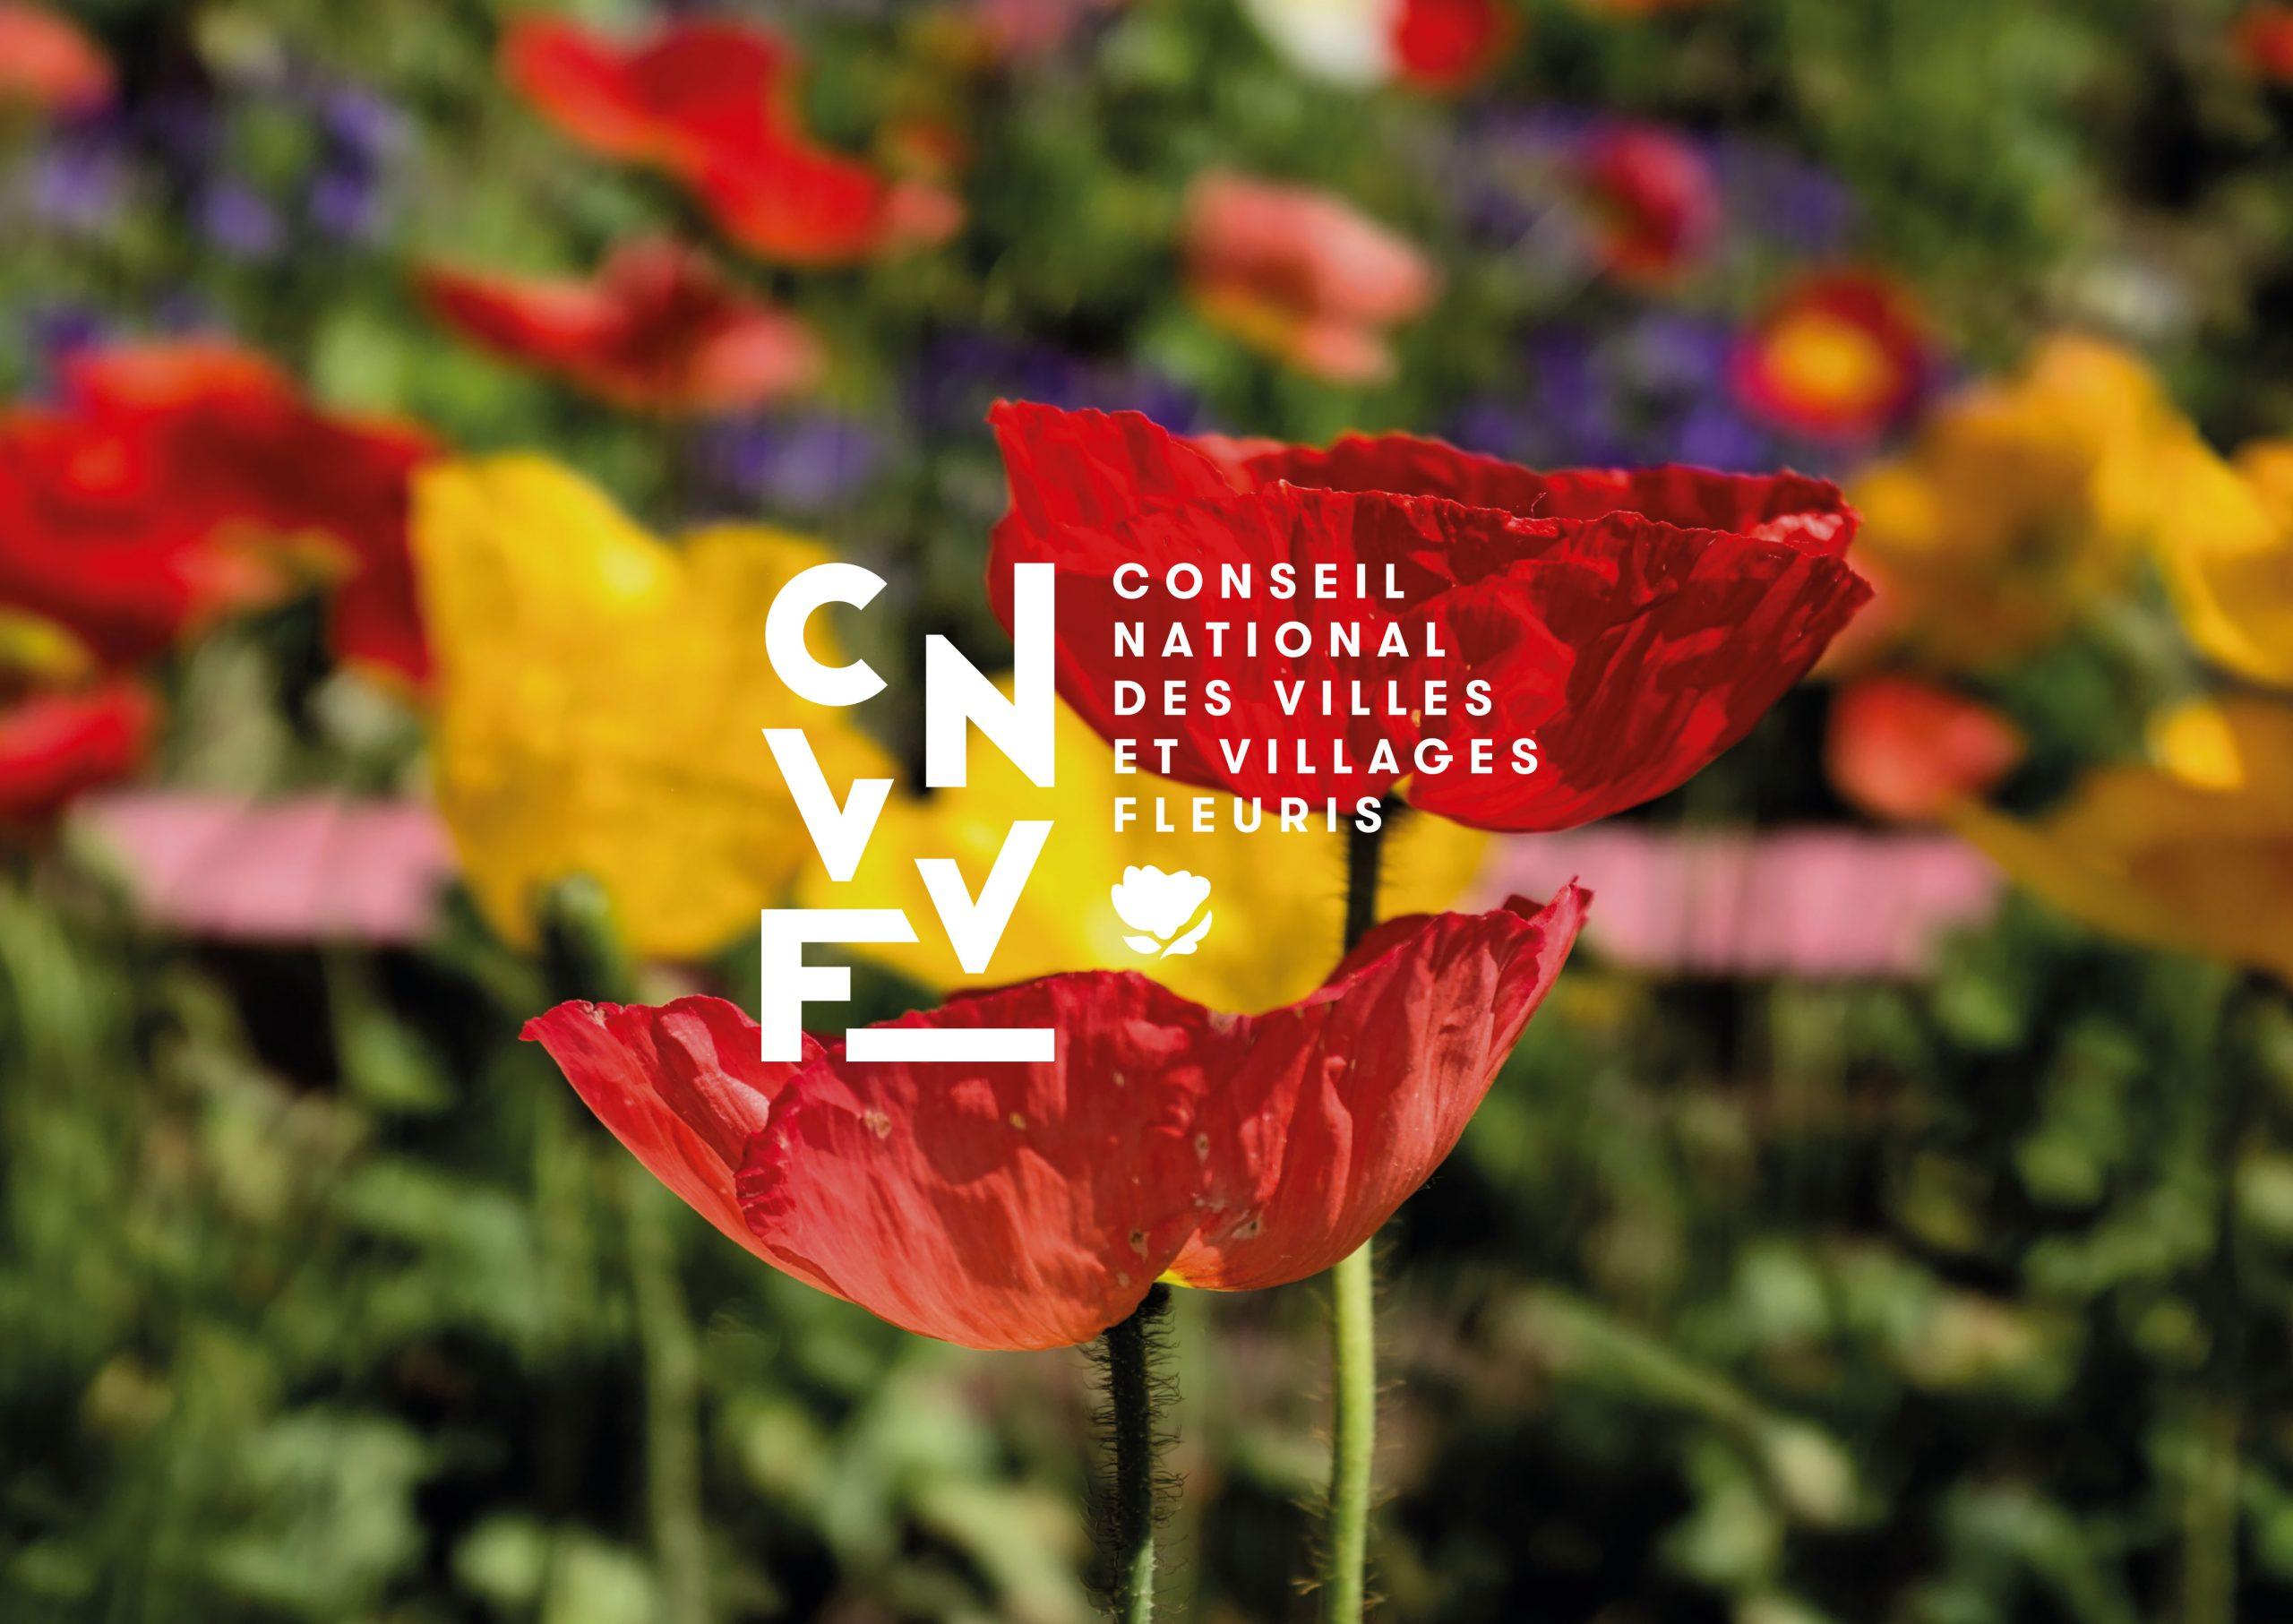 CNVVF villes et villages fleuris logo identité